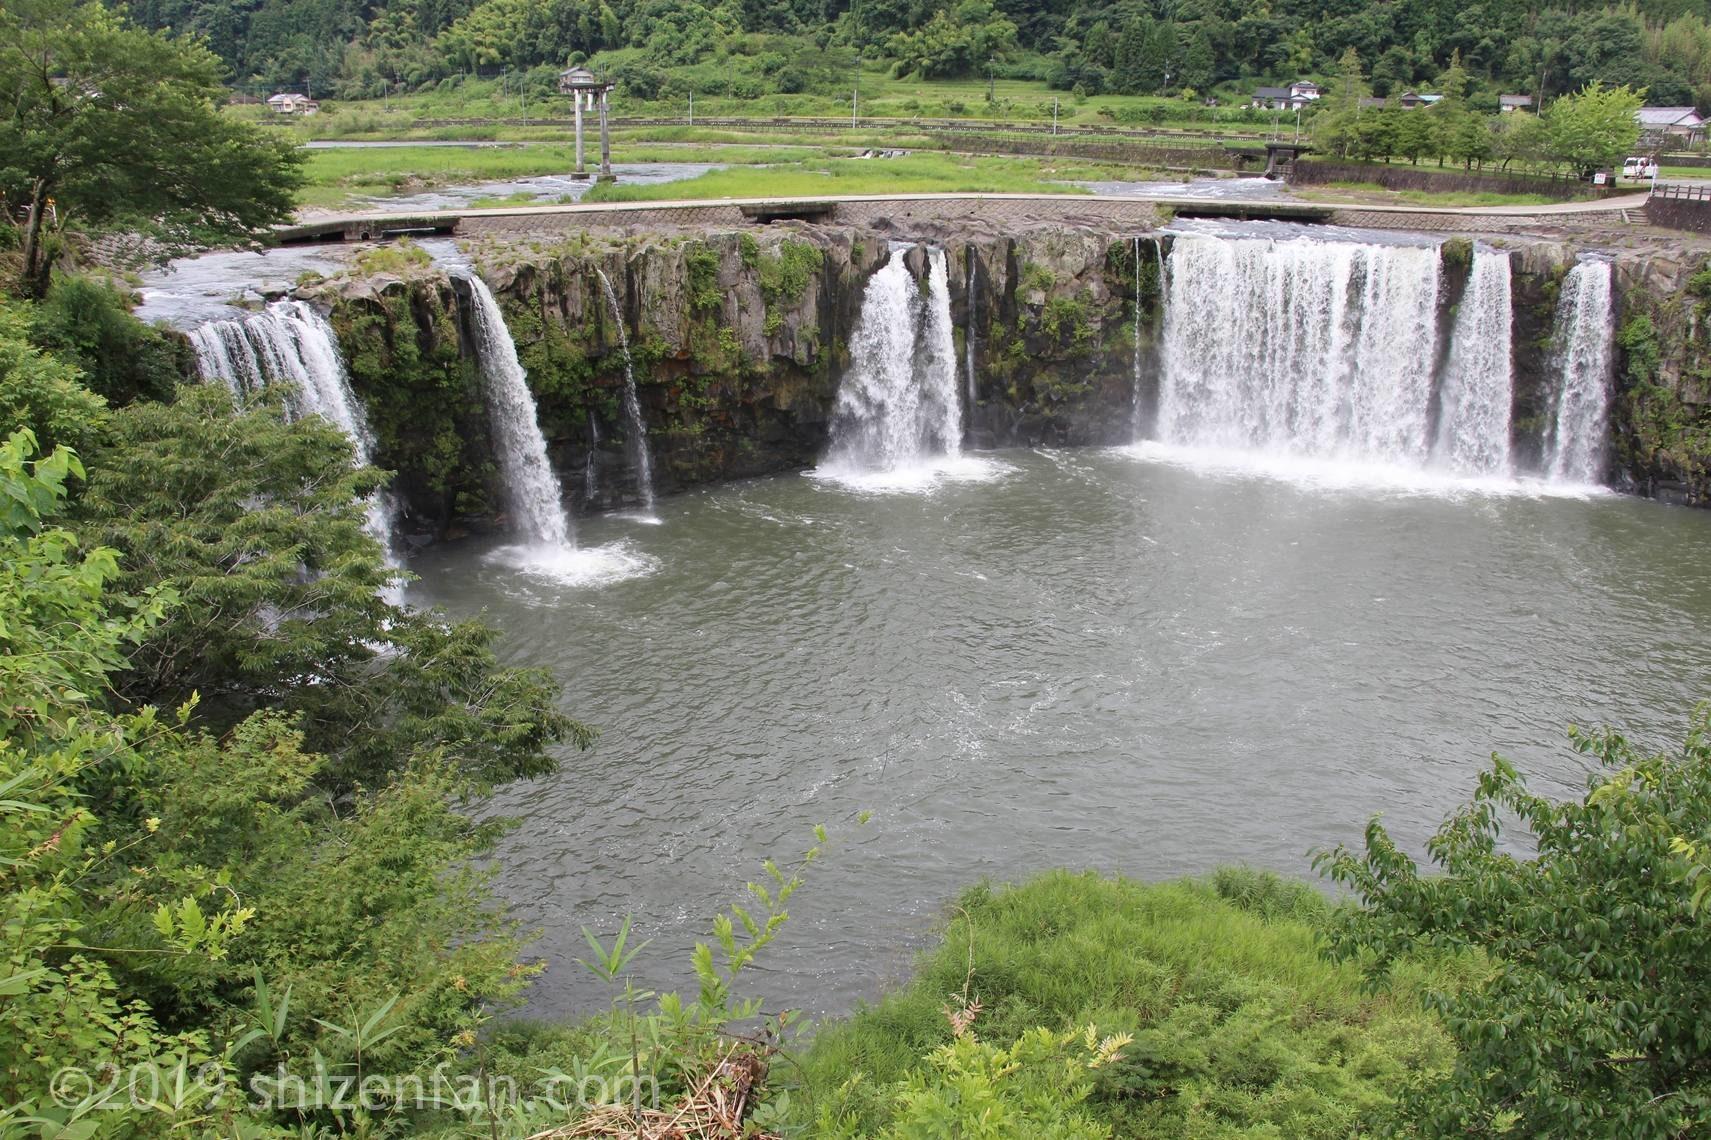 吊橋を渡った後の遊歩道から見た原尻の滝